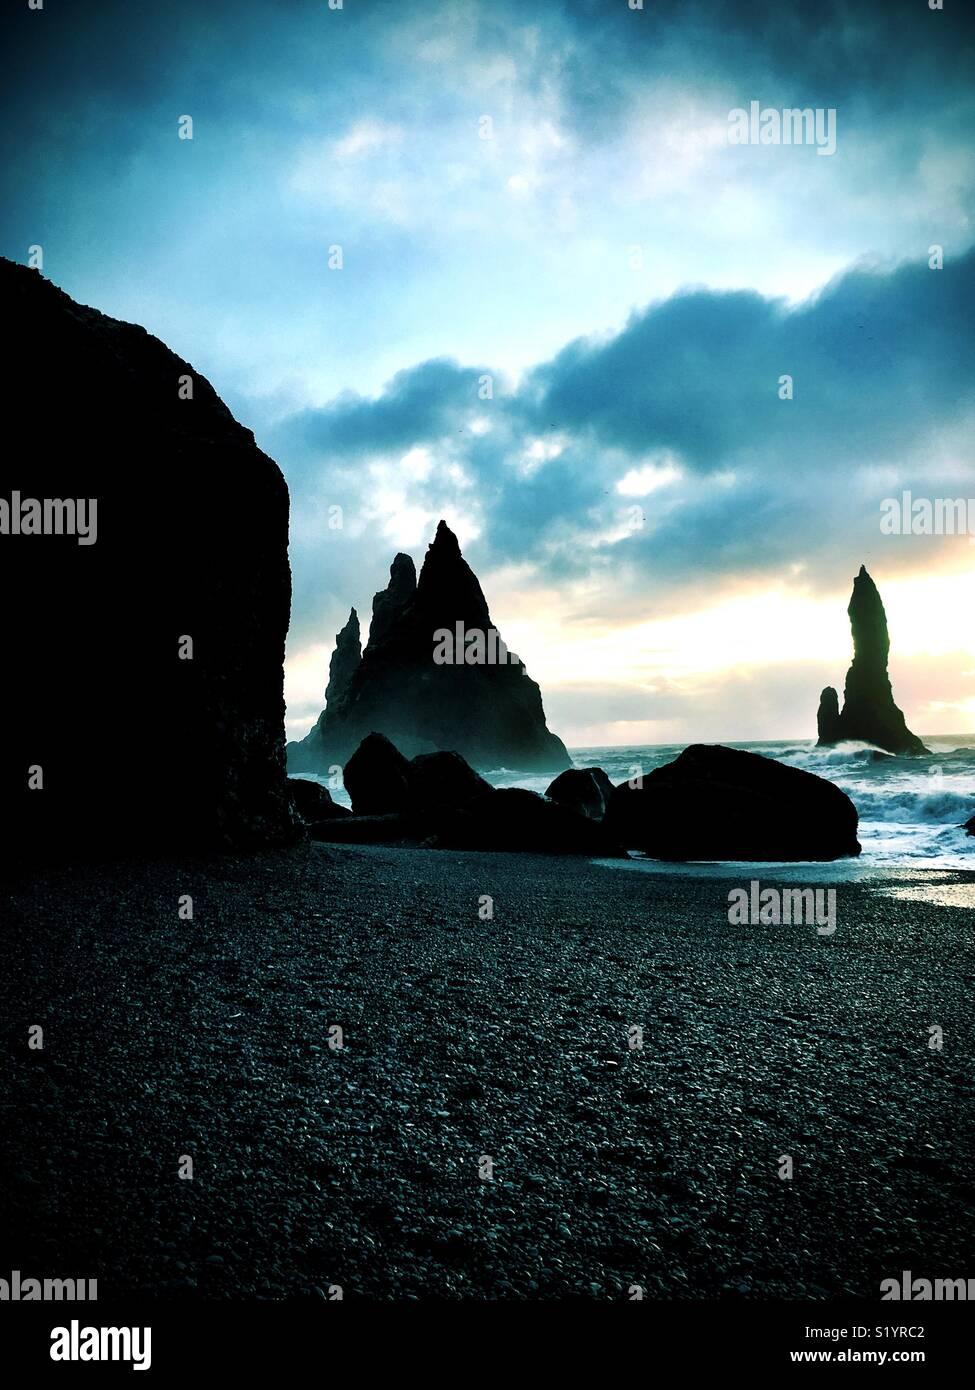 Plage de sable noir de Reynisfjara qui jouit, en Islande Photo Stock